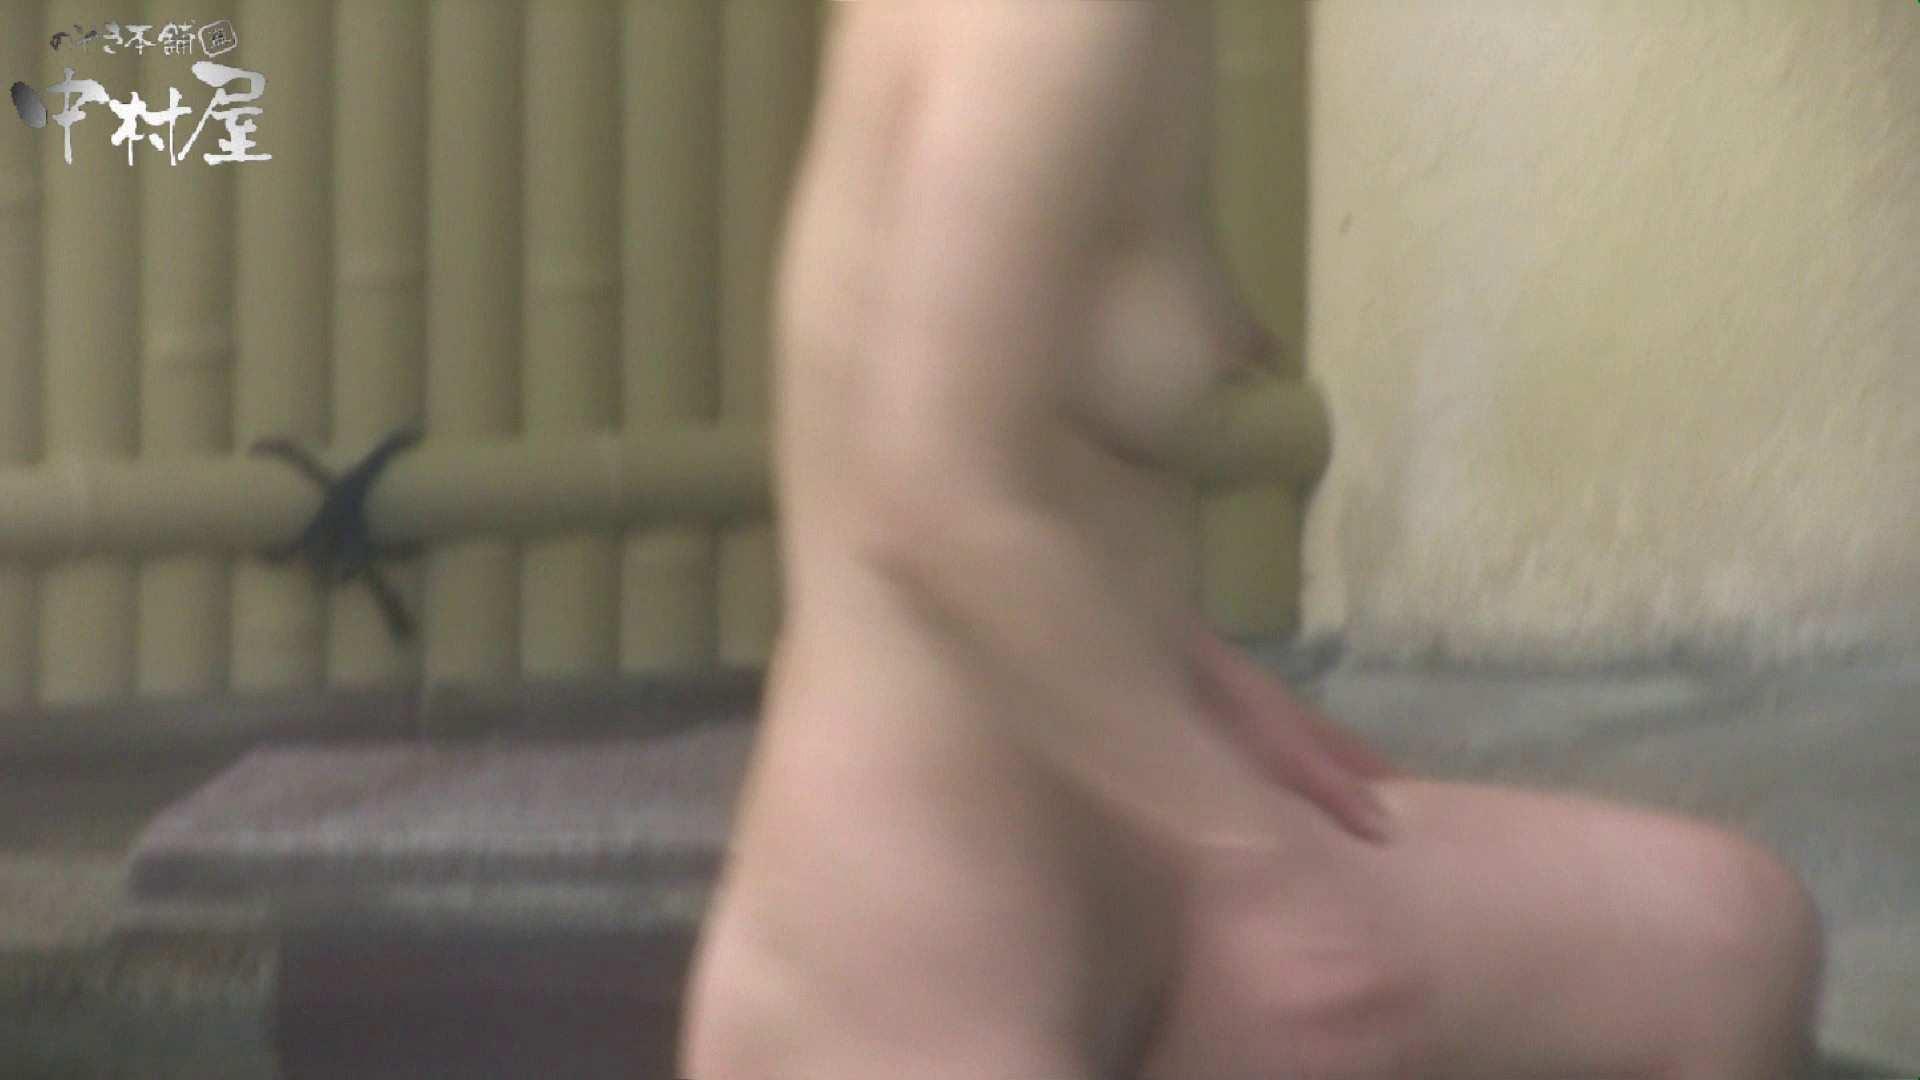 Aquaな露天風呂Vol.927 OLのエロ生活  89連発 12